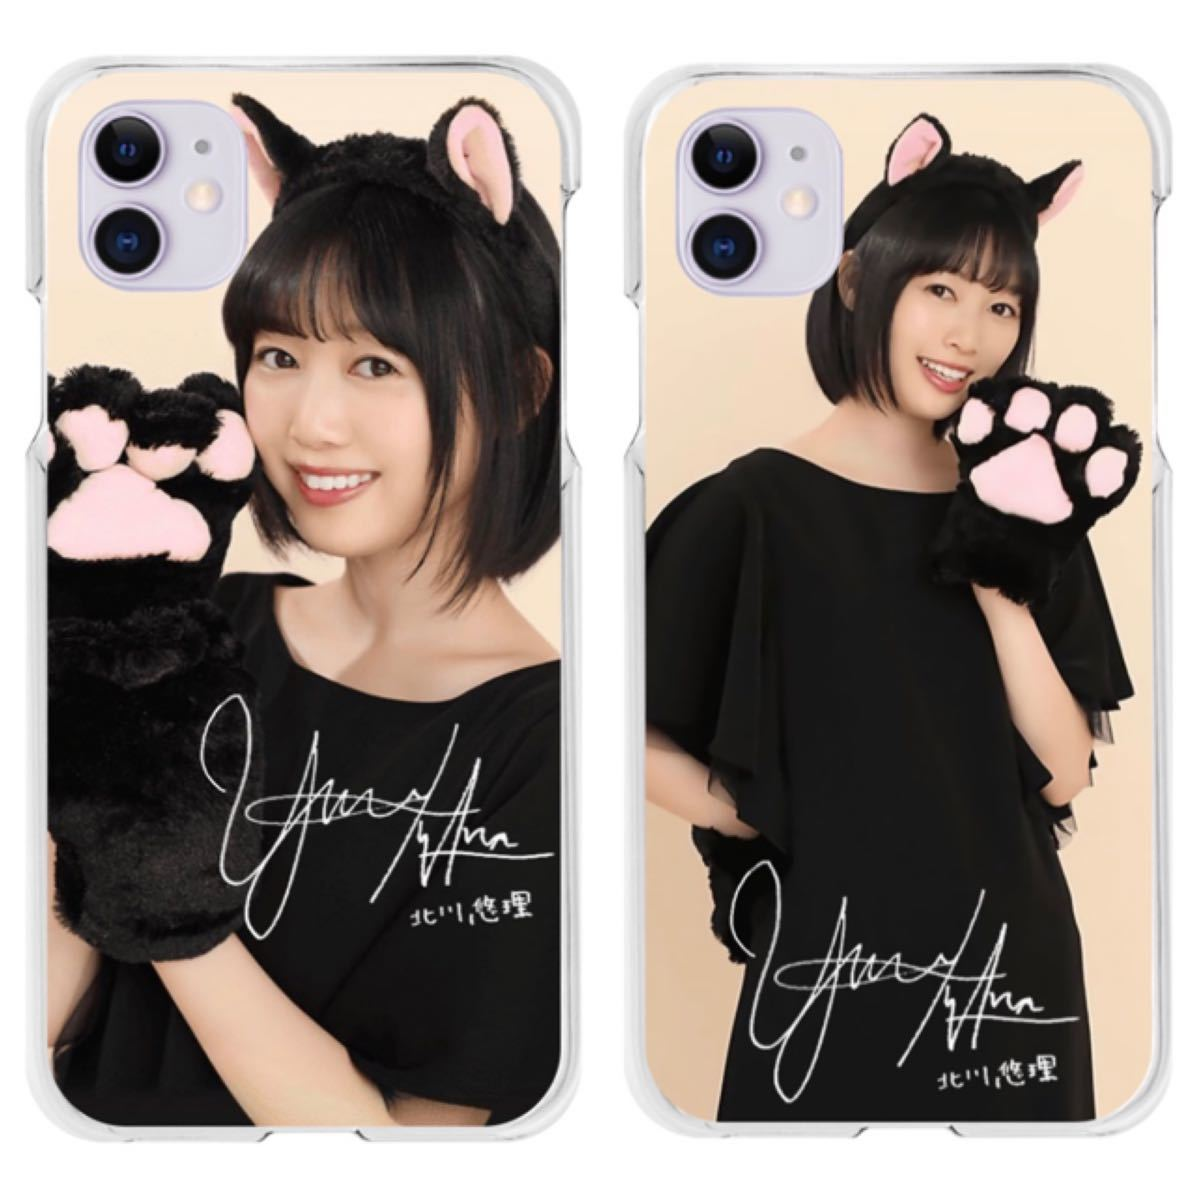 乃木坂46スマホケース 猫コス 北川悠理